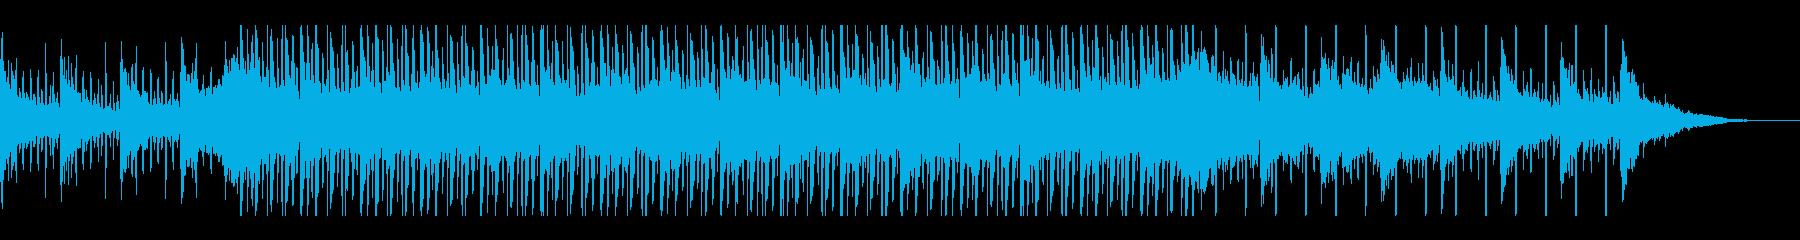 企業イメージソング かわいい楽しいポップの再生済みの波形